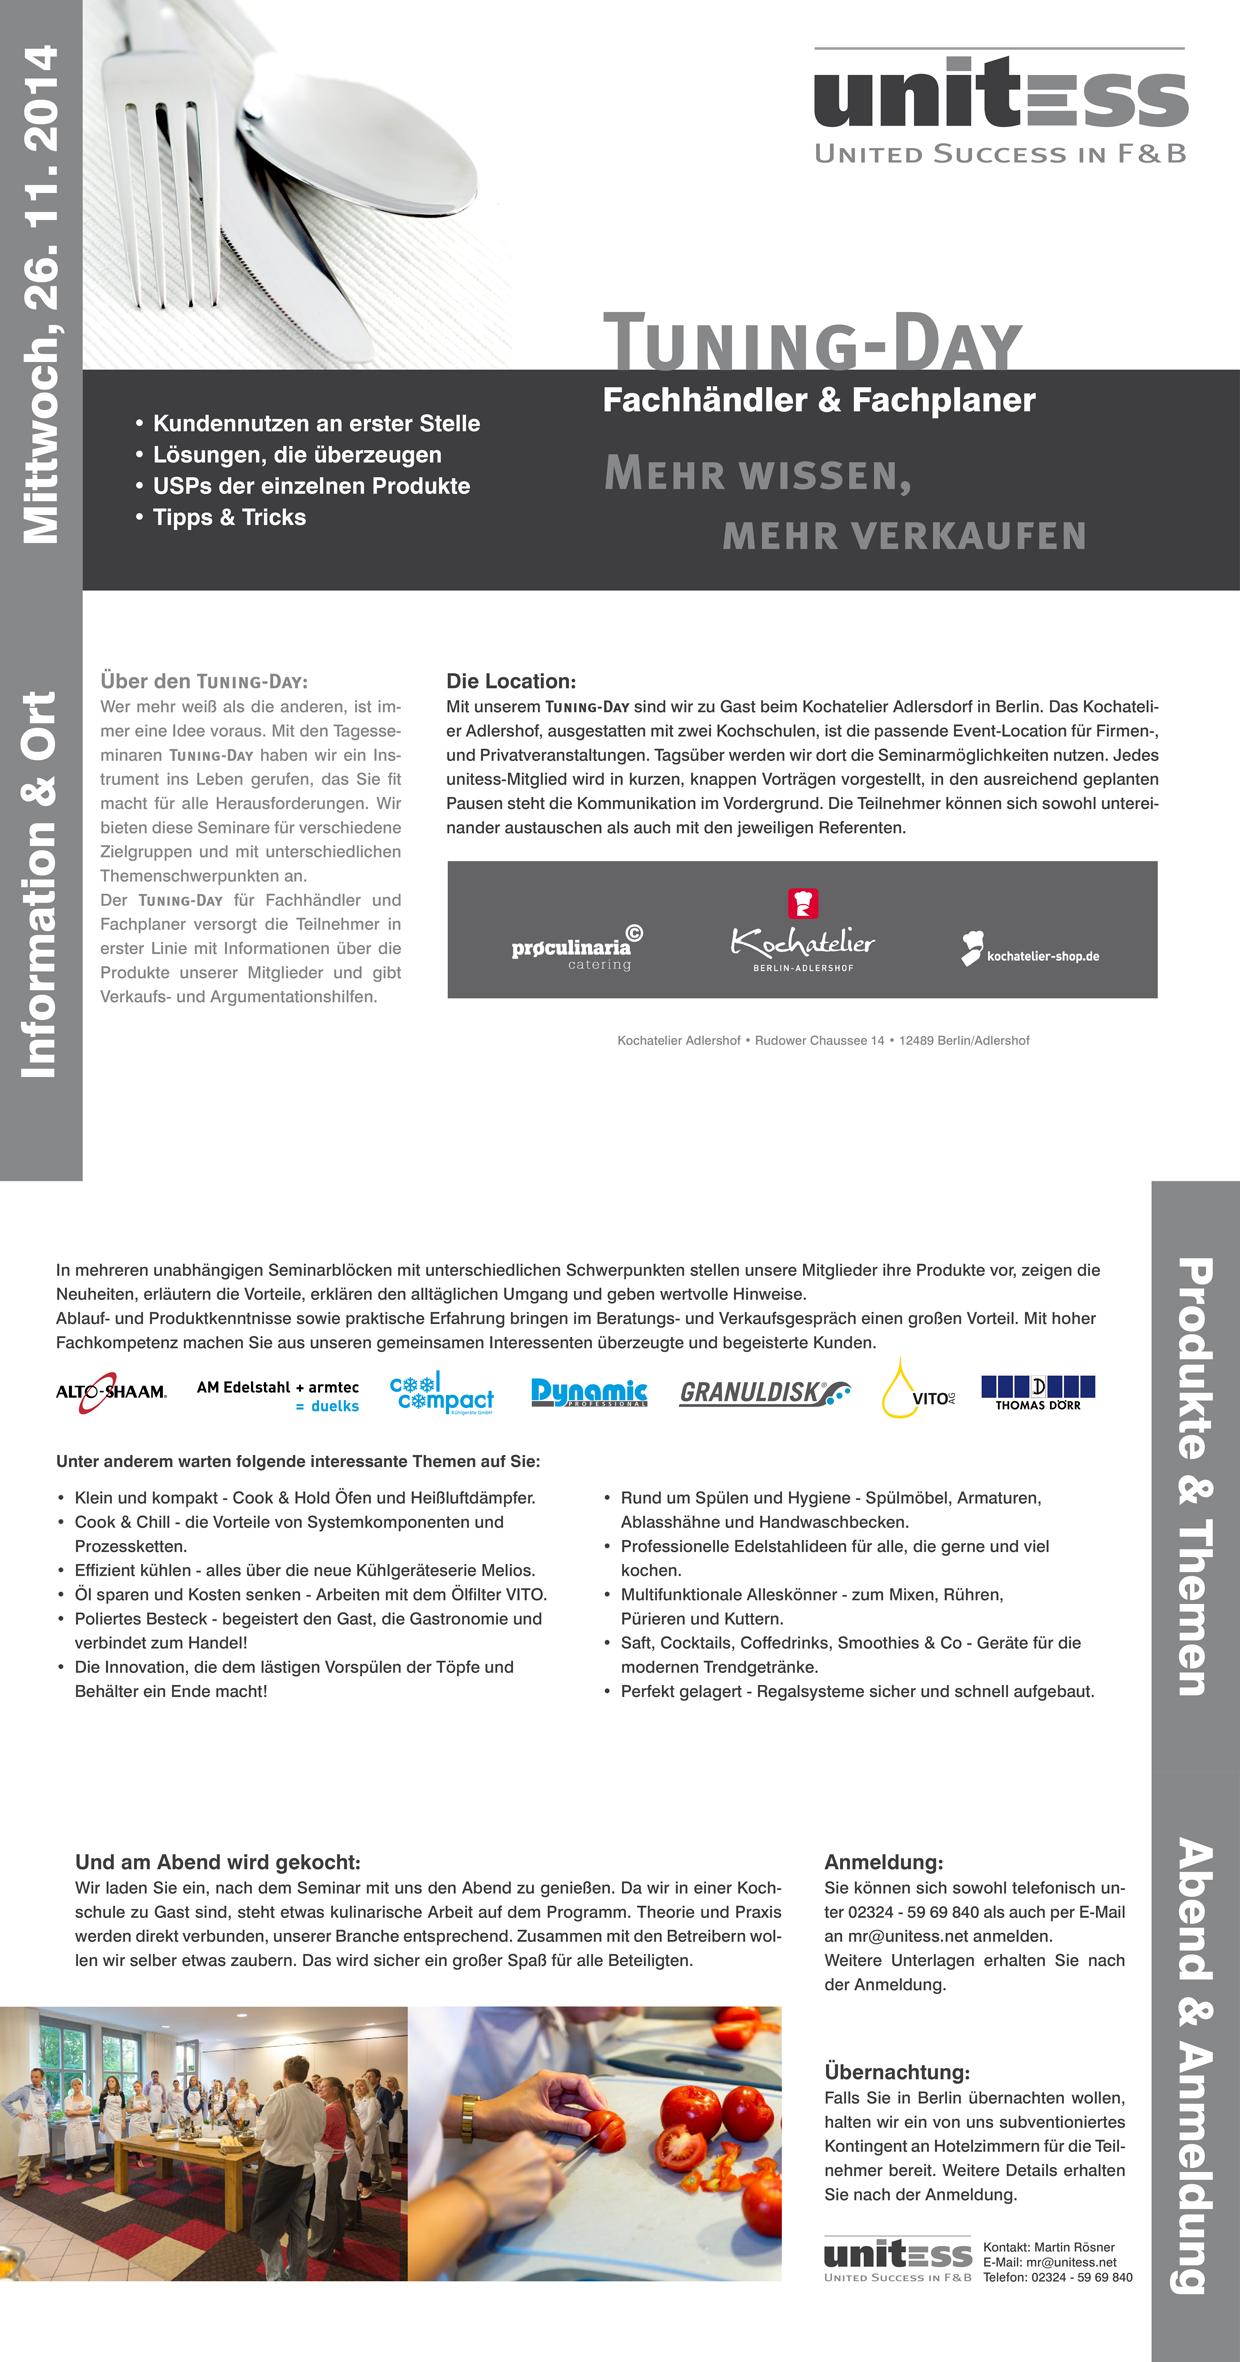 Unitess Seminar 261120141 in 26. November 2014 - Tuning-Day für Fachhändler & Fachplaner in Berlin